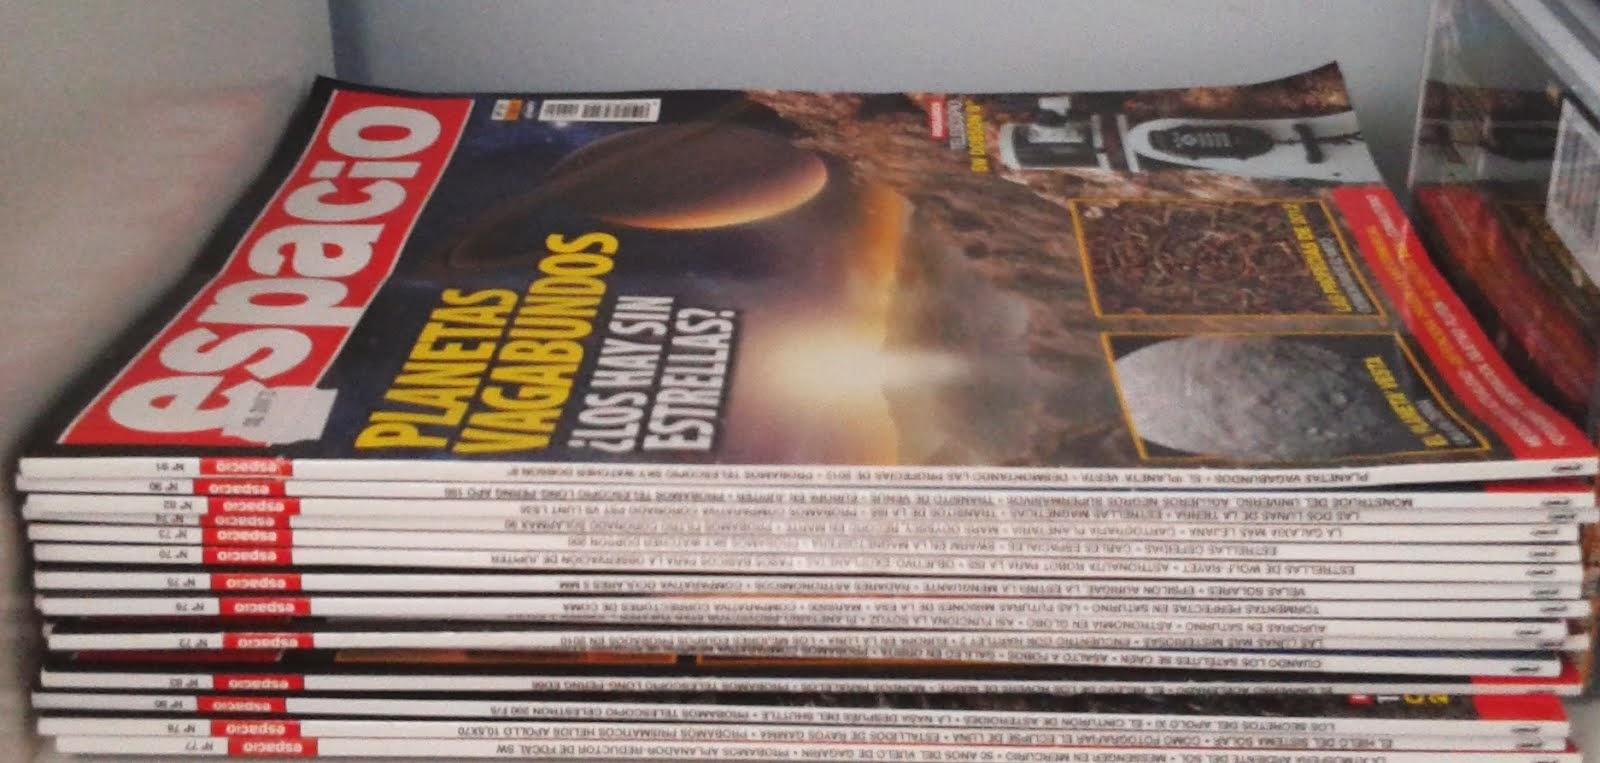 Revista Espacio año 2011-12